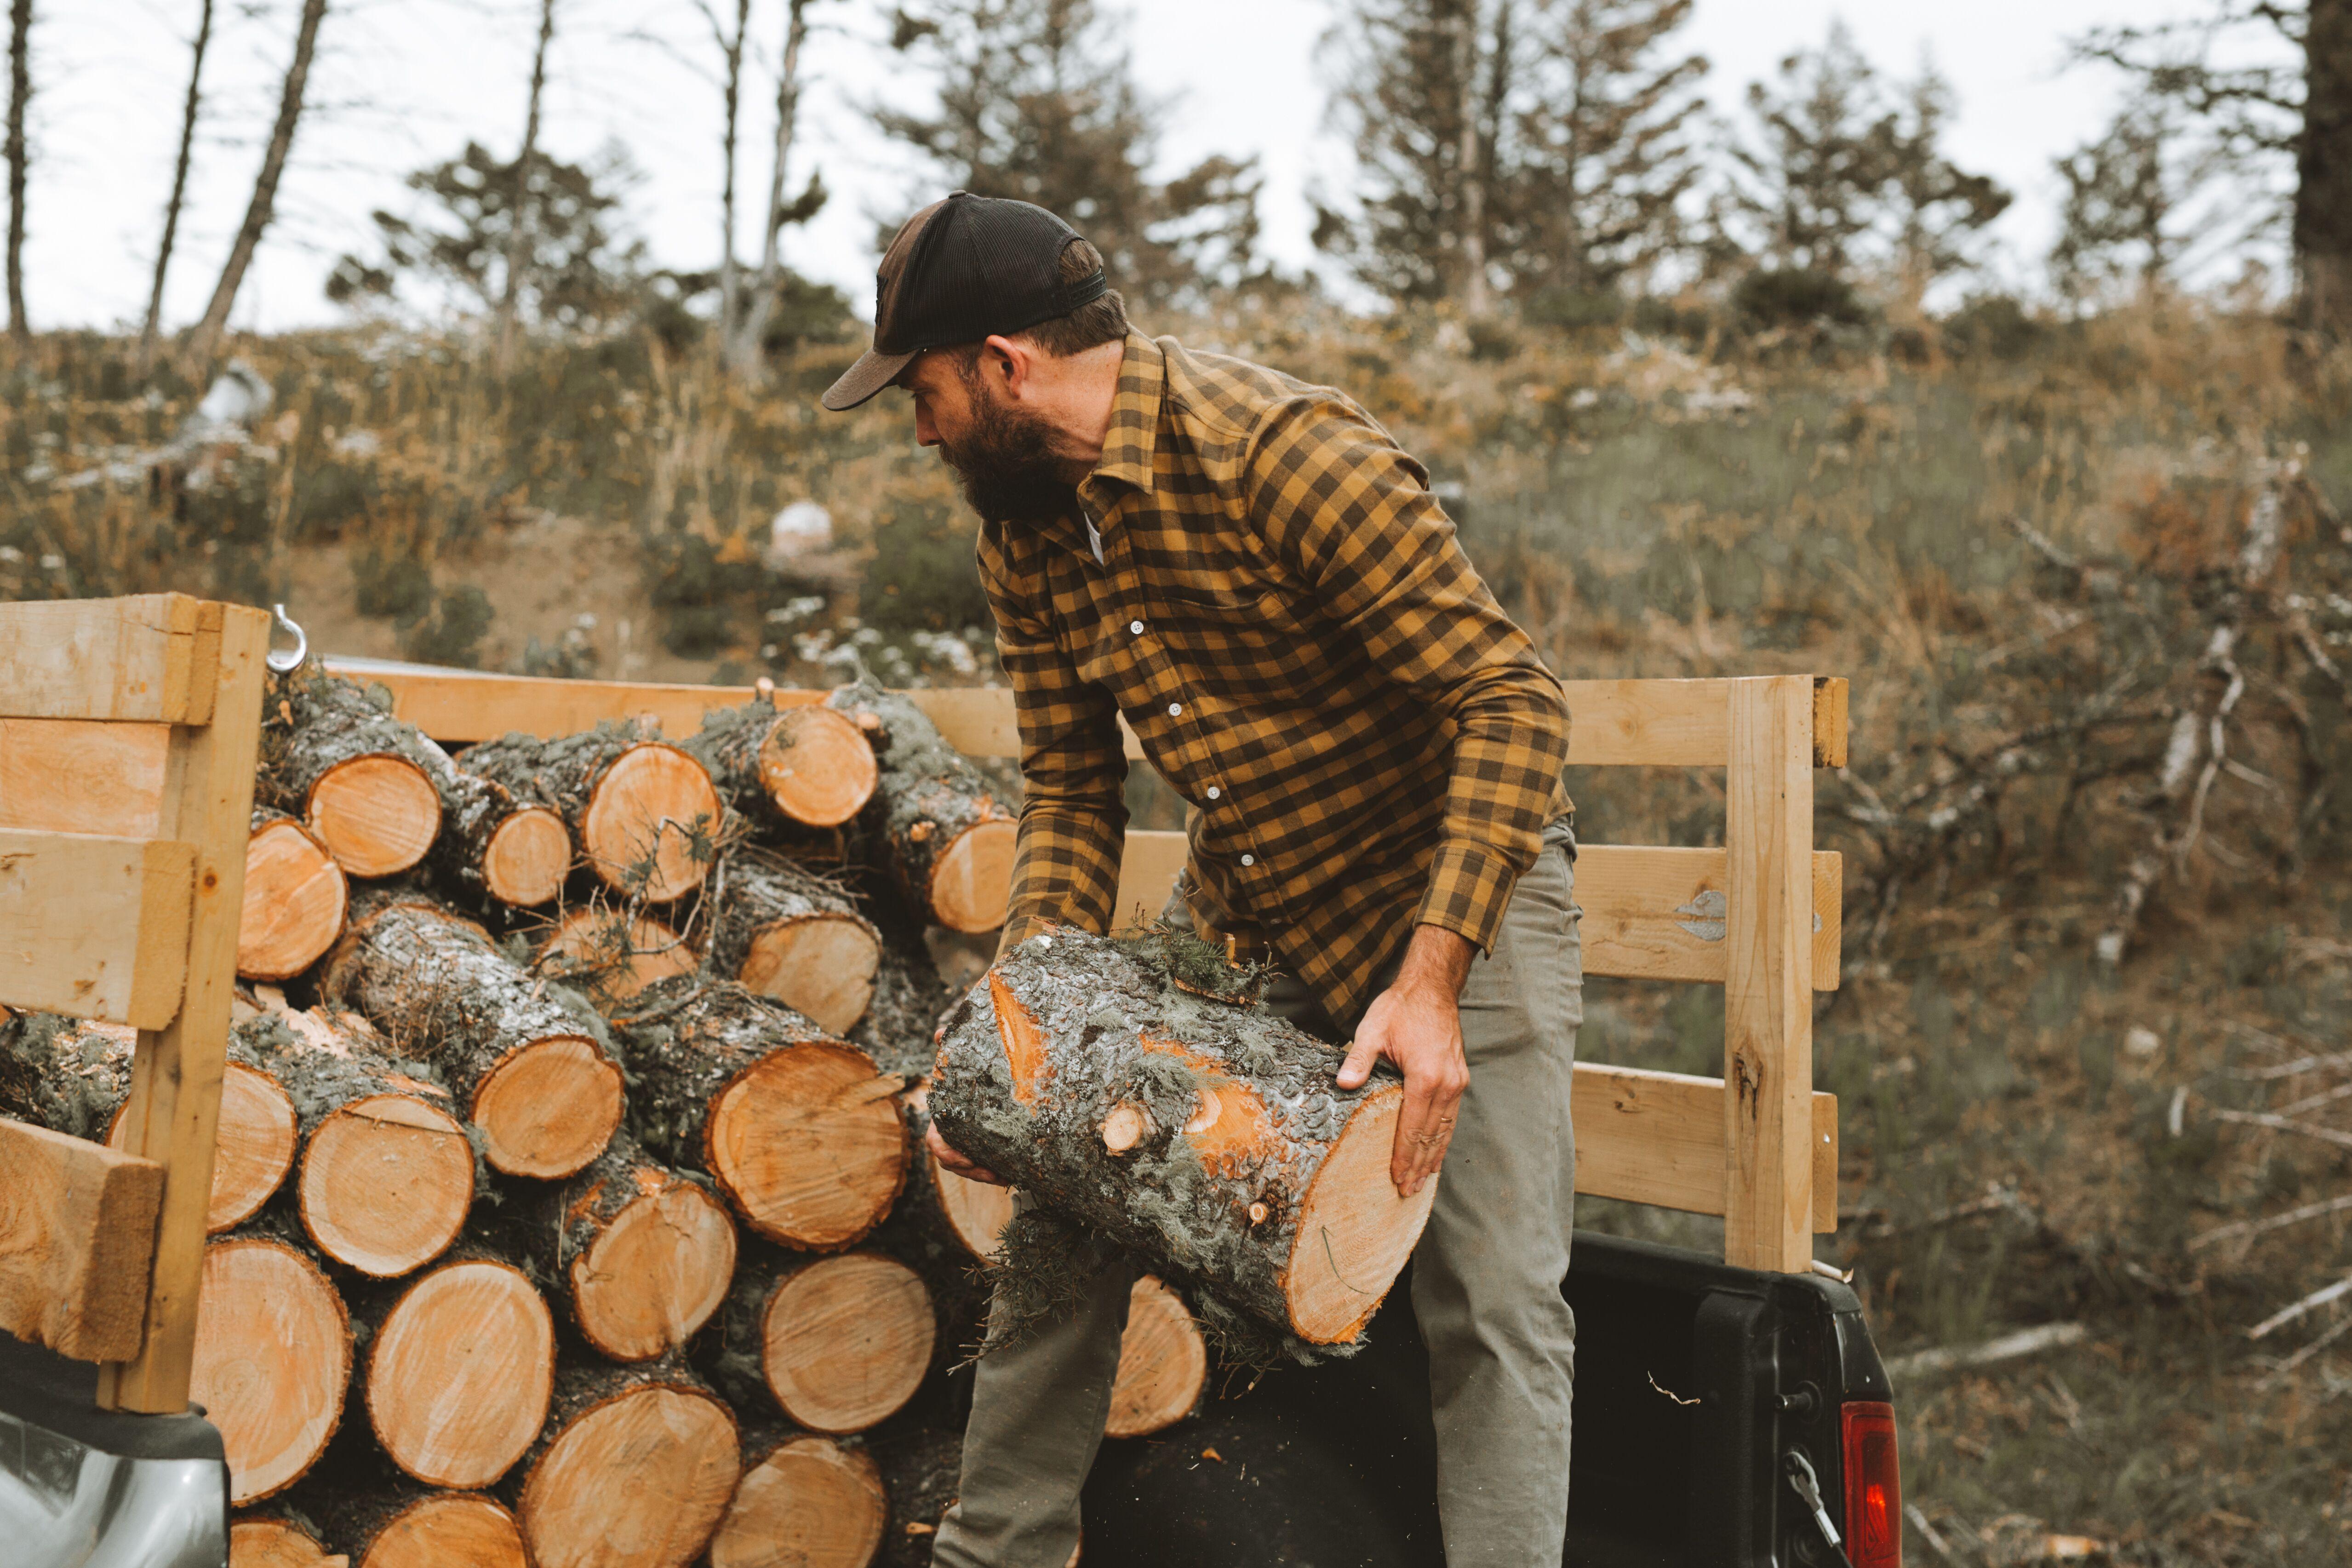 Ben Nobel chopping wood